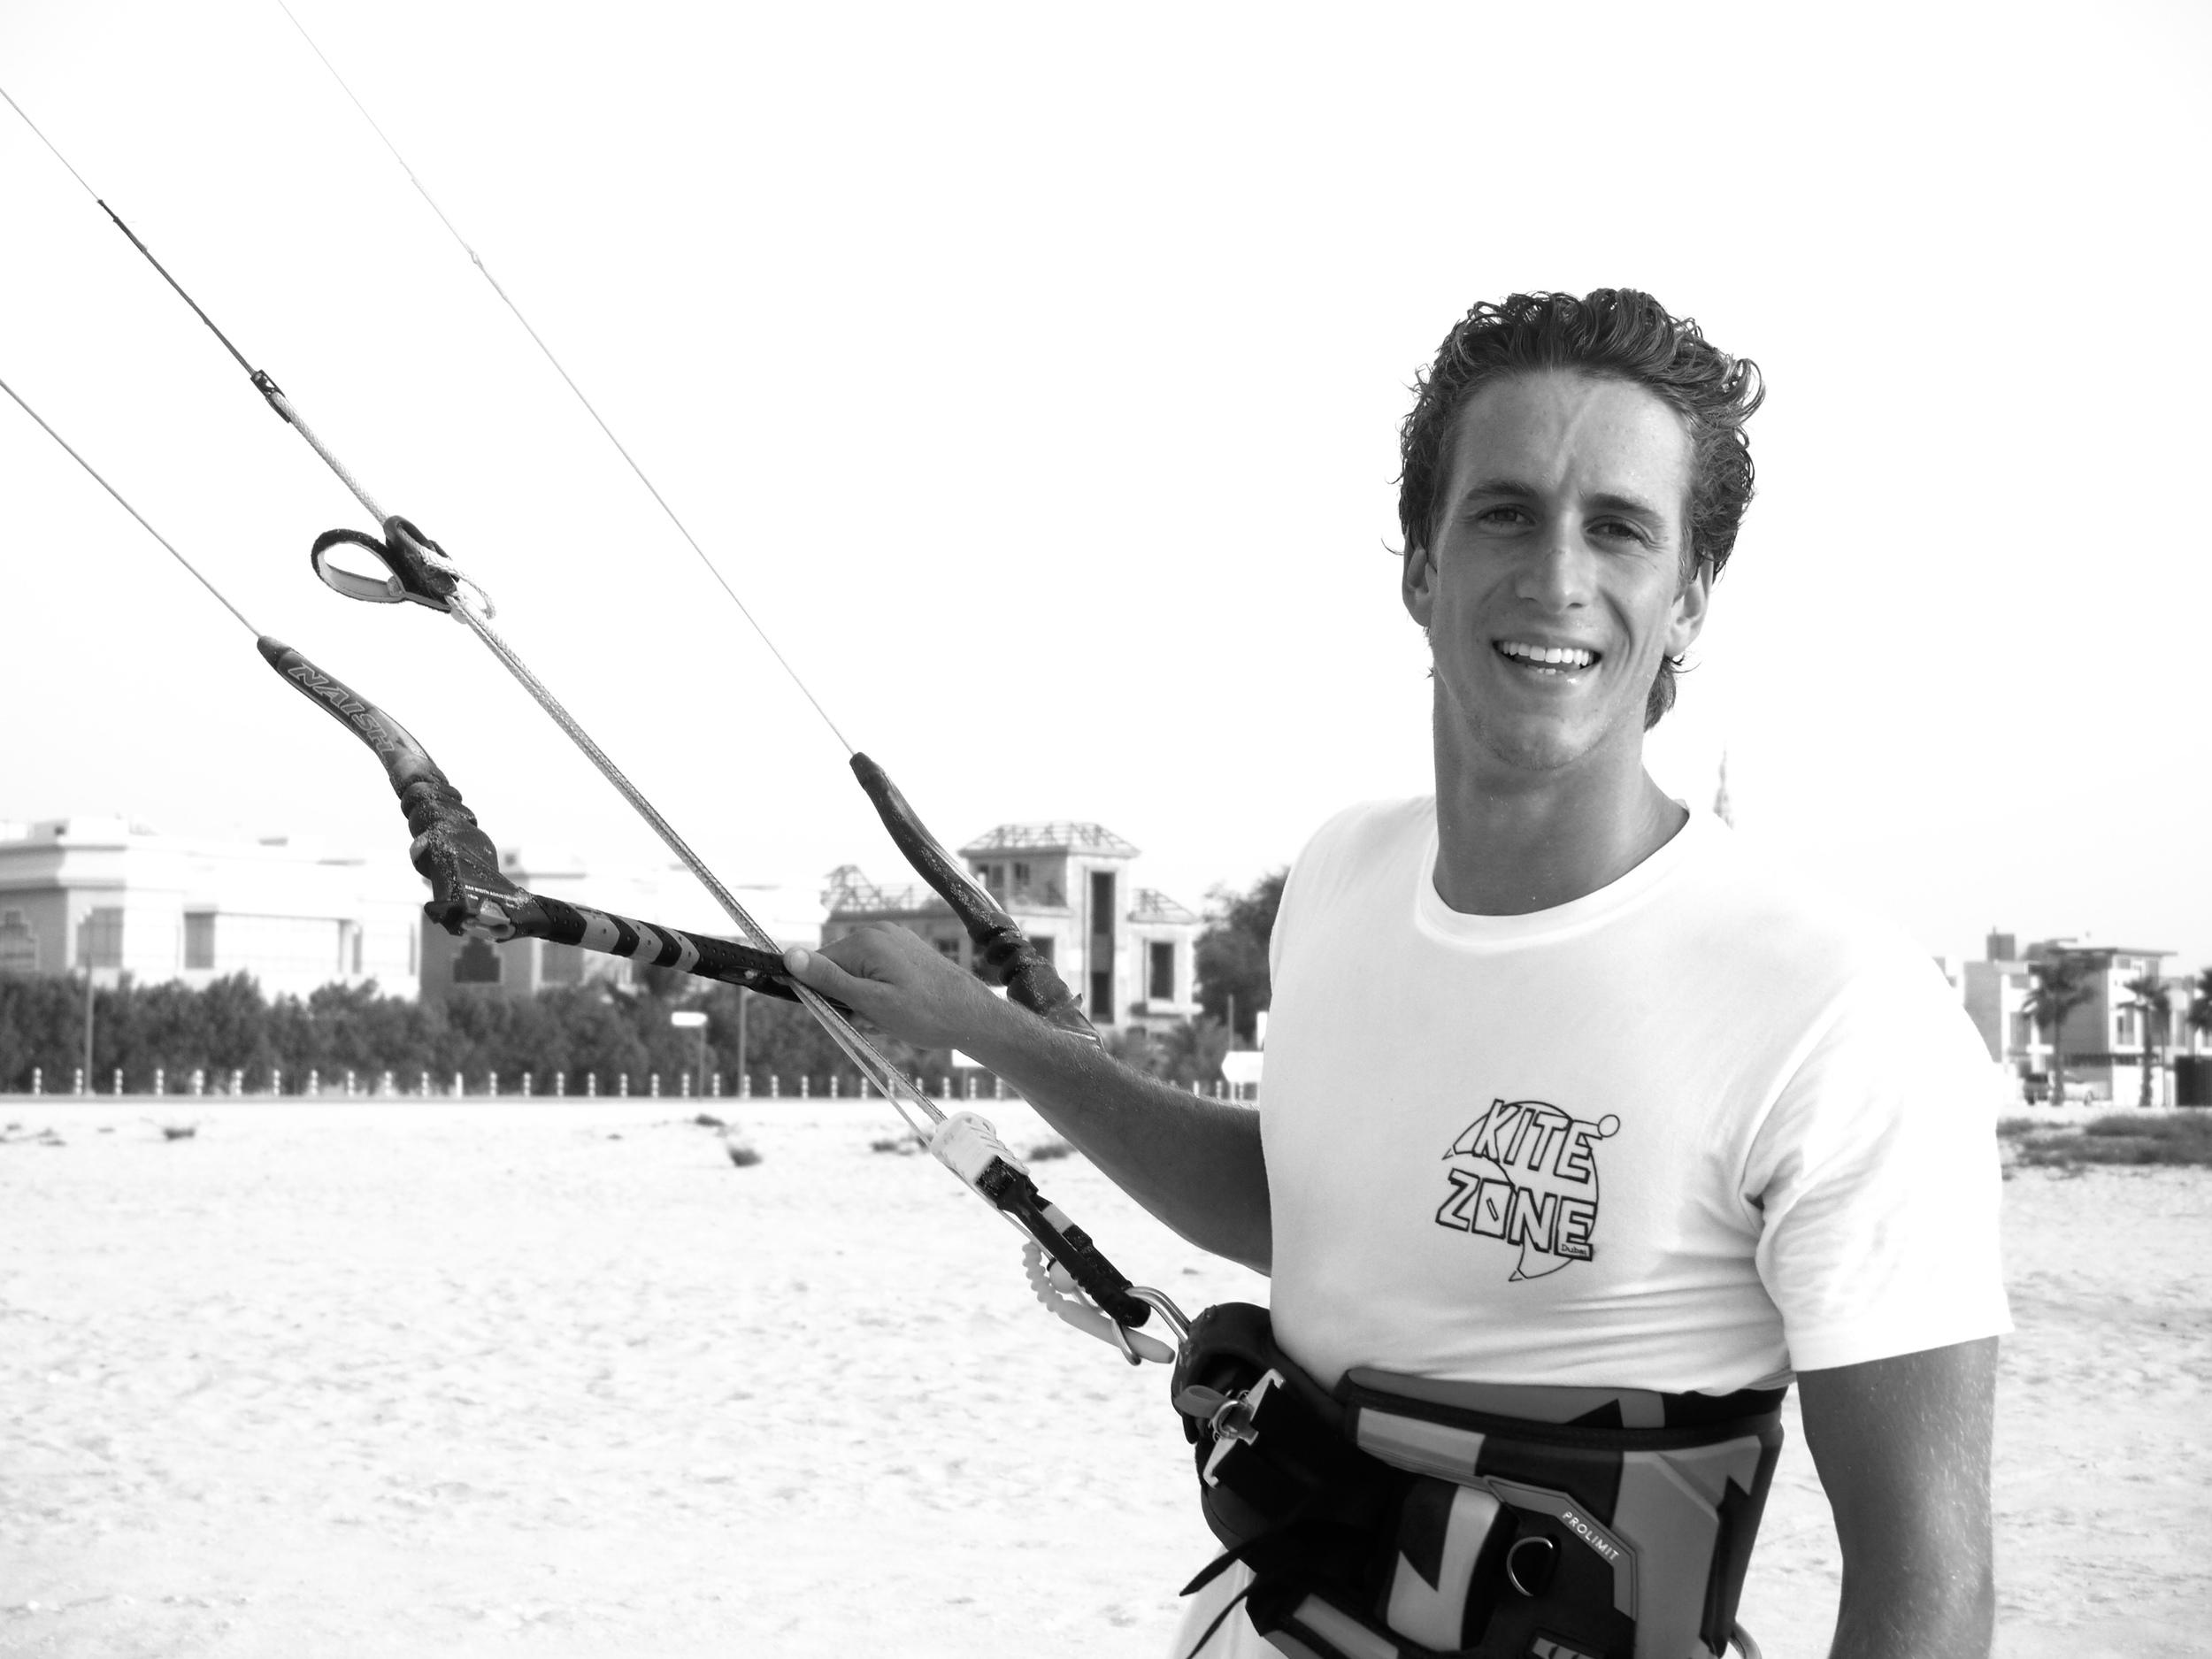 Lewis Deaves    Founder of Kite Zone Dubai